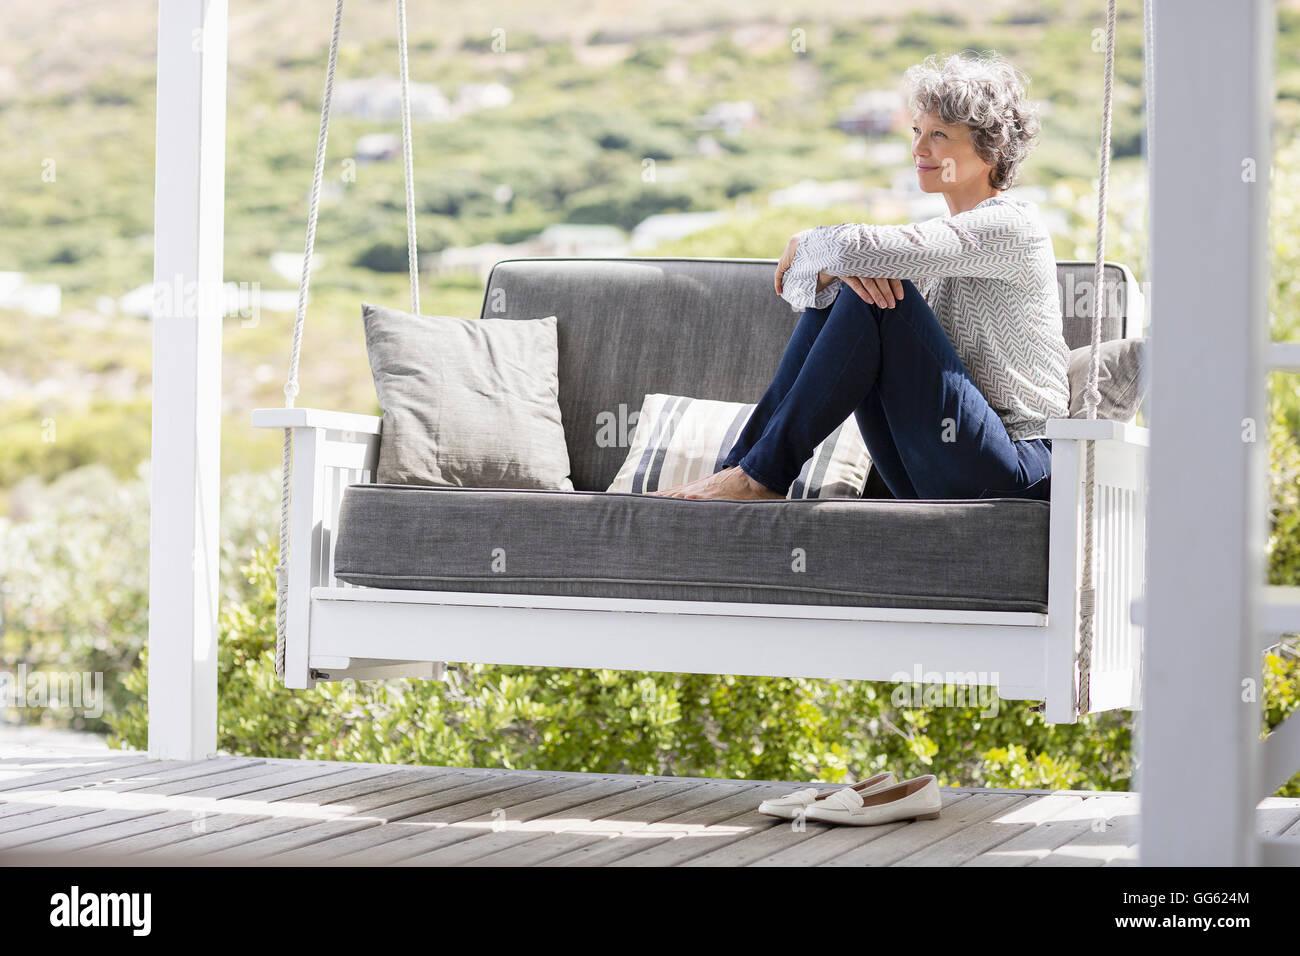 Reife Frau sitzen auf einer Schaukel auf einer Veranda Stockbild